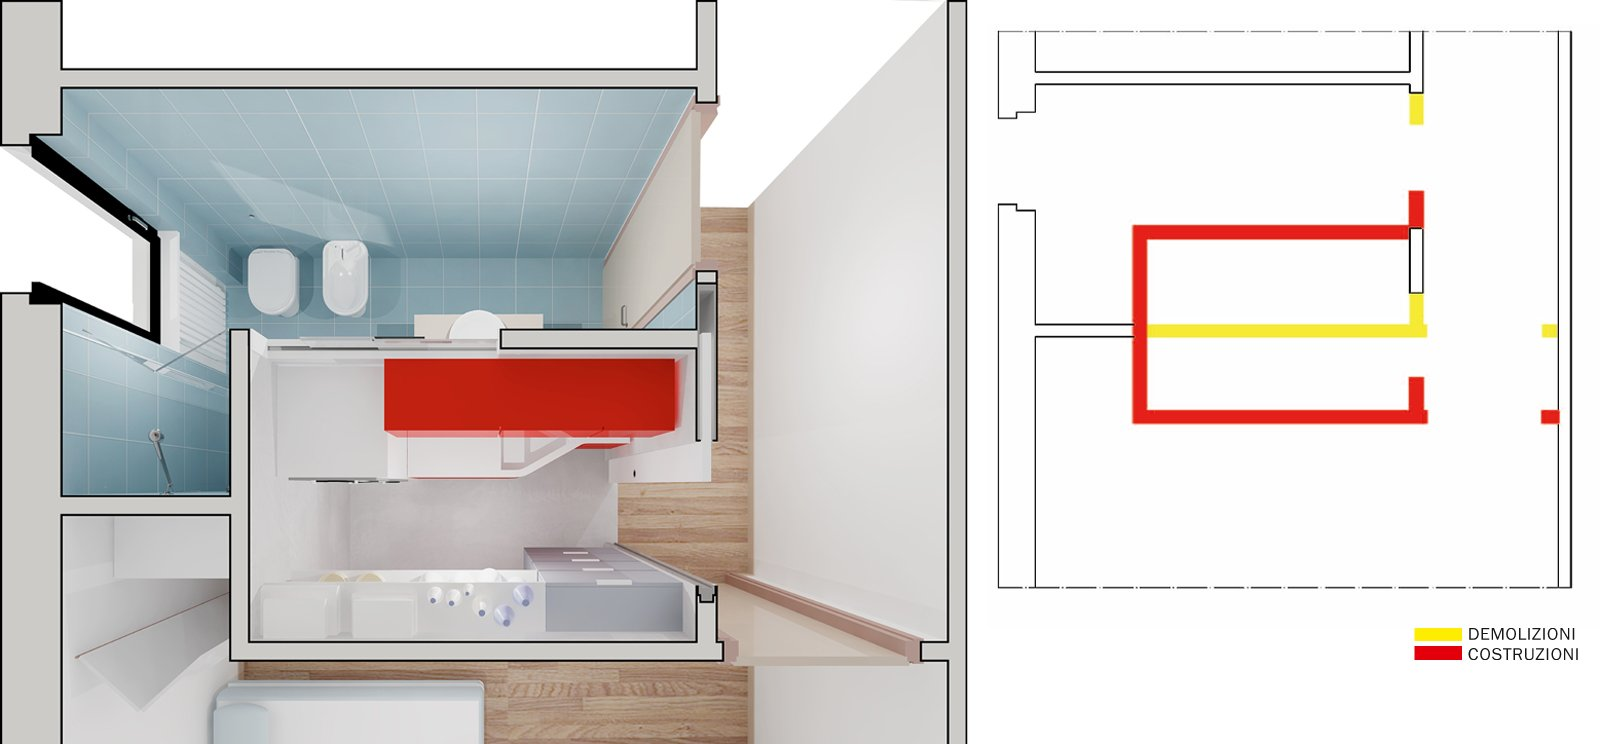 Lavanderia in 3 mq come la ricavo e quanto costa cose di casa - Lavanderia in casa ...